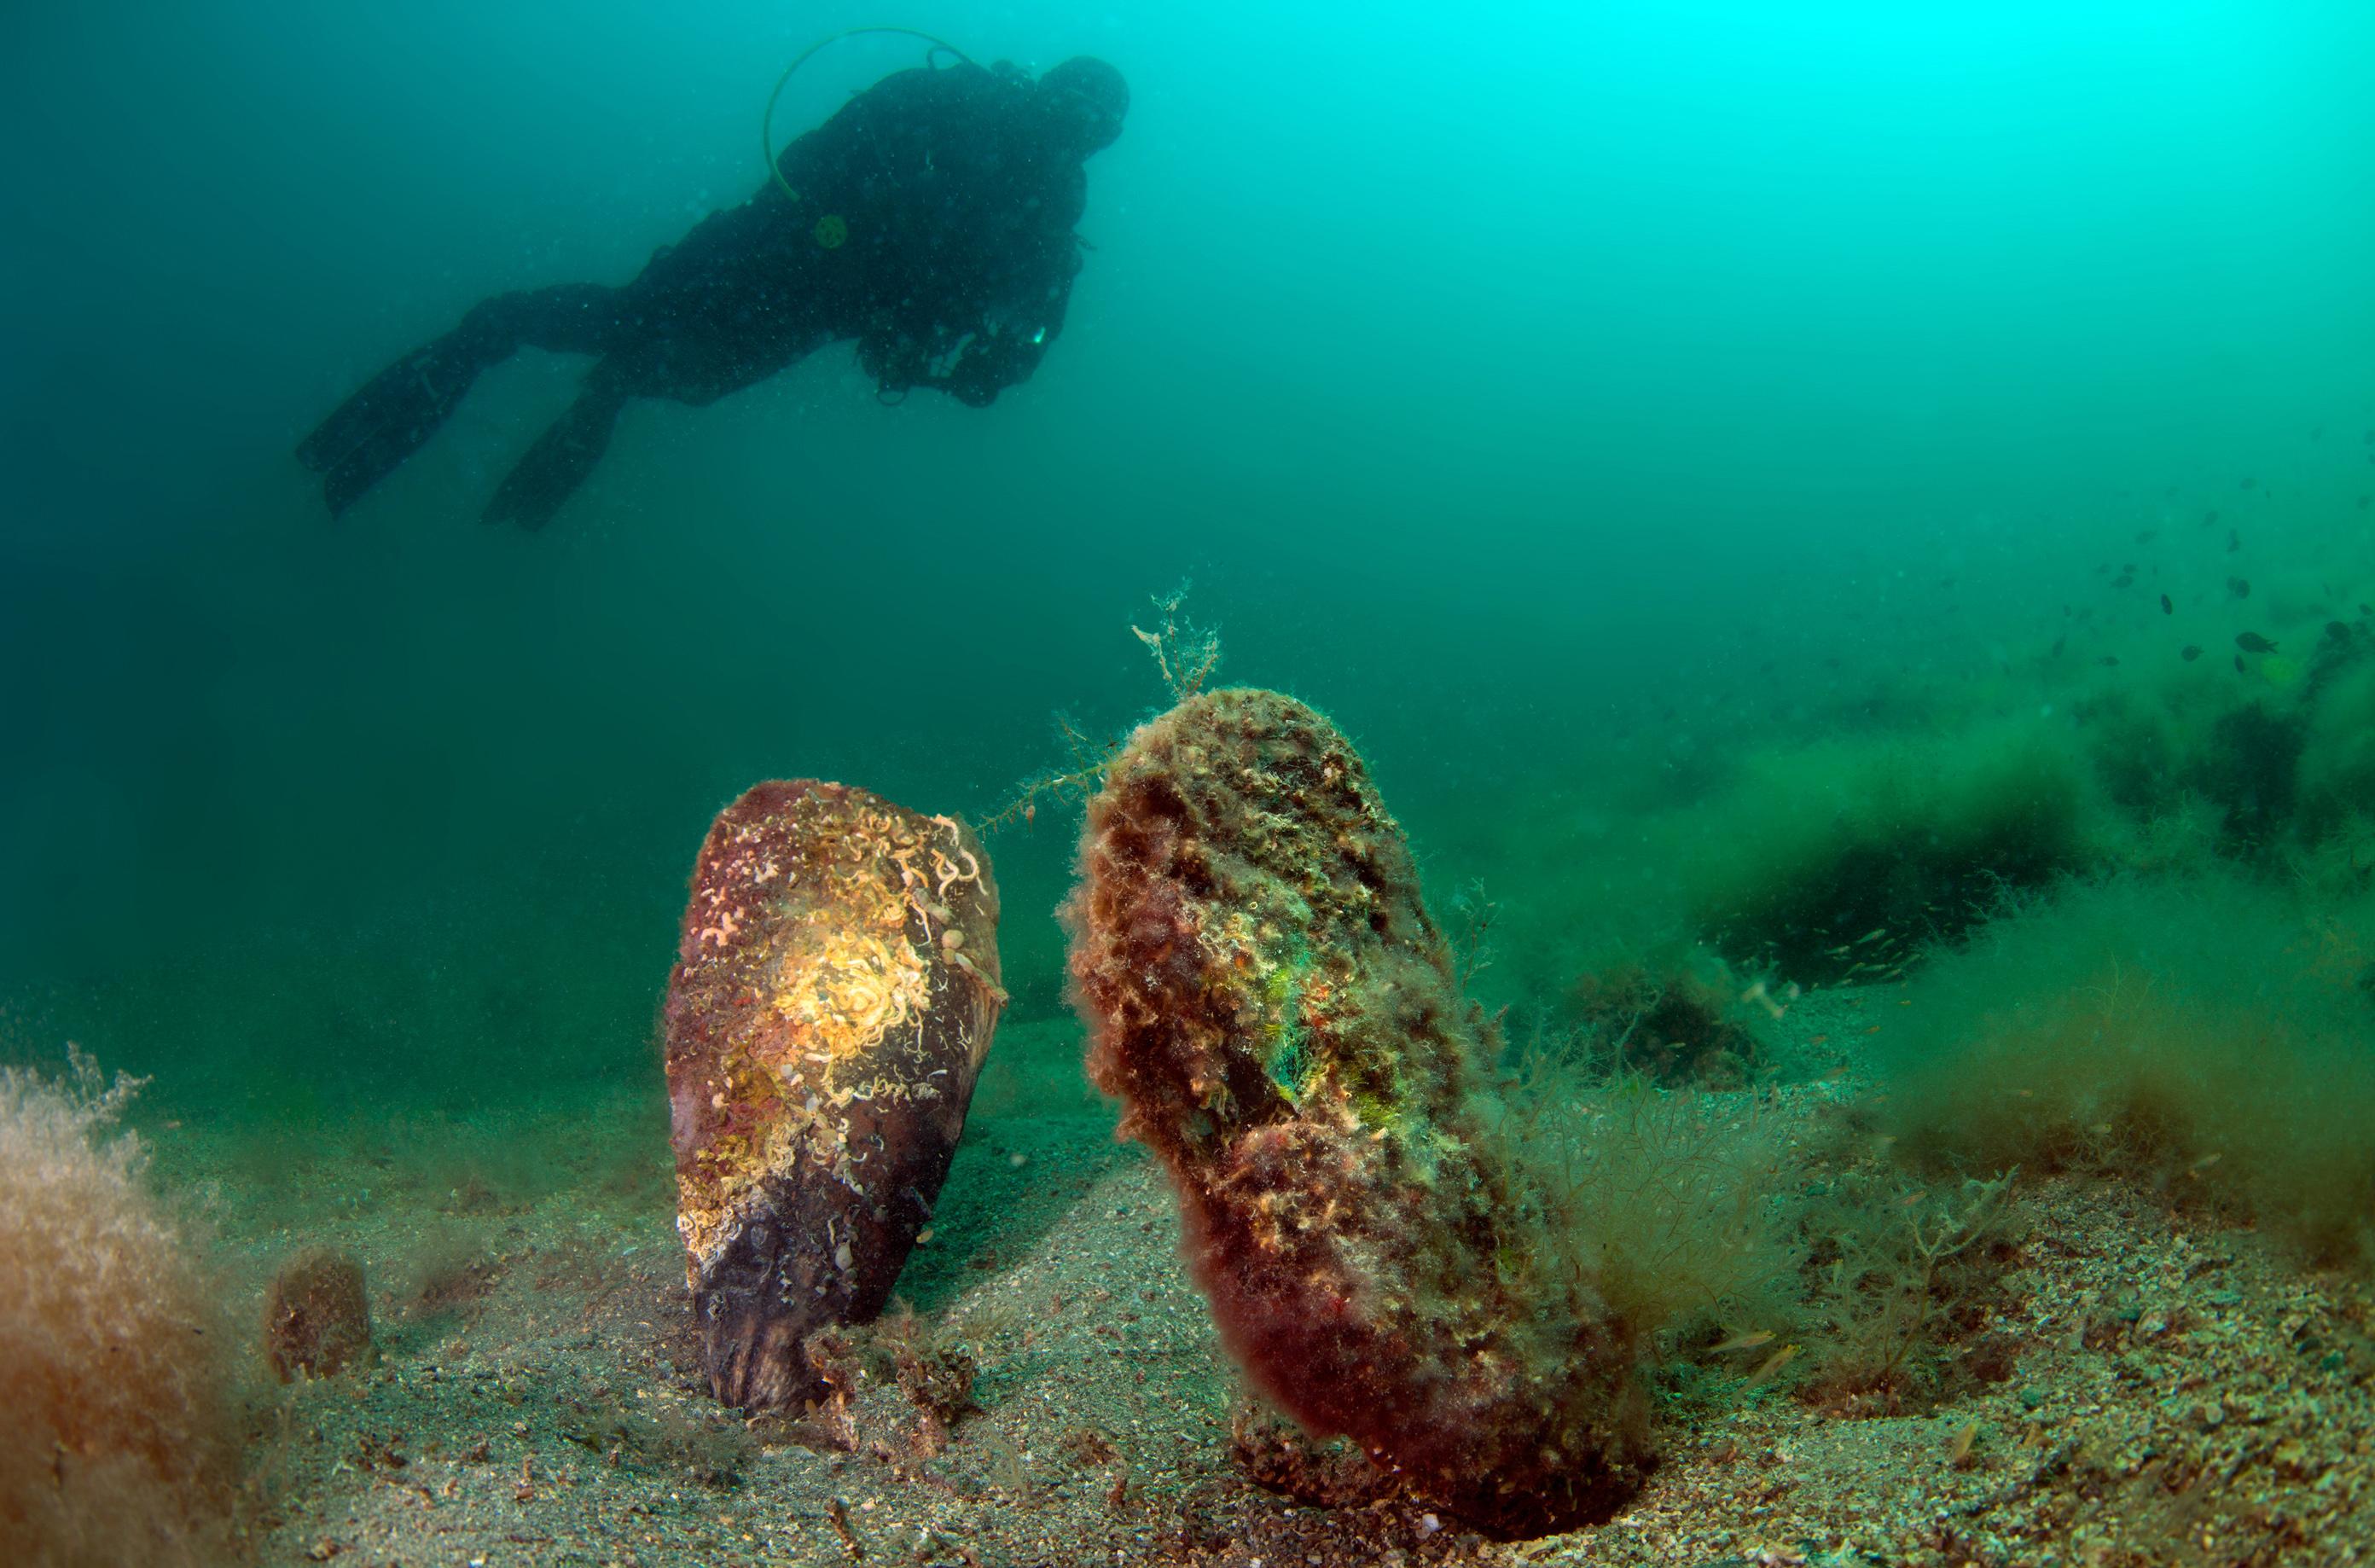 denizlerin-temizleyicisi-pinalari-olduren-virus-kiyilarimiza-geldi-6462-dhaphoto1.jpg